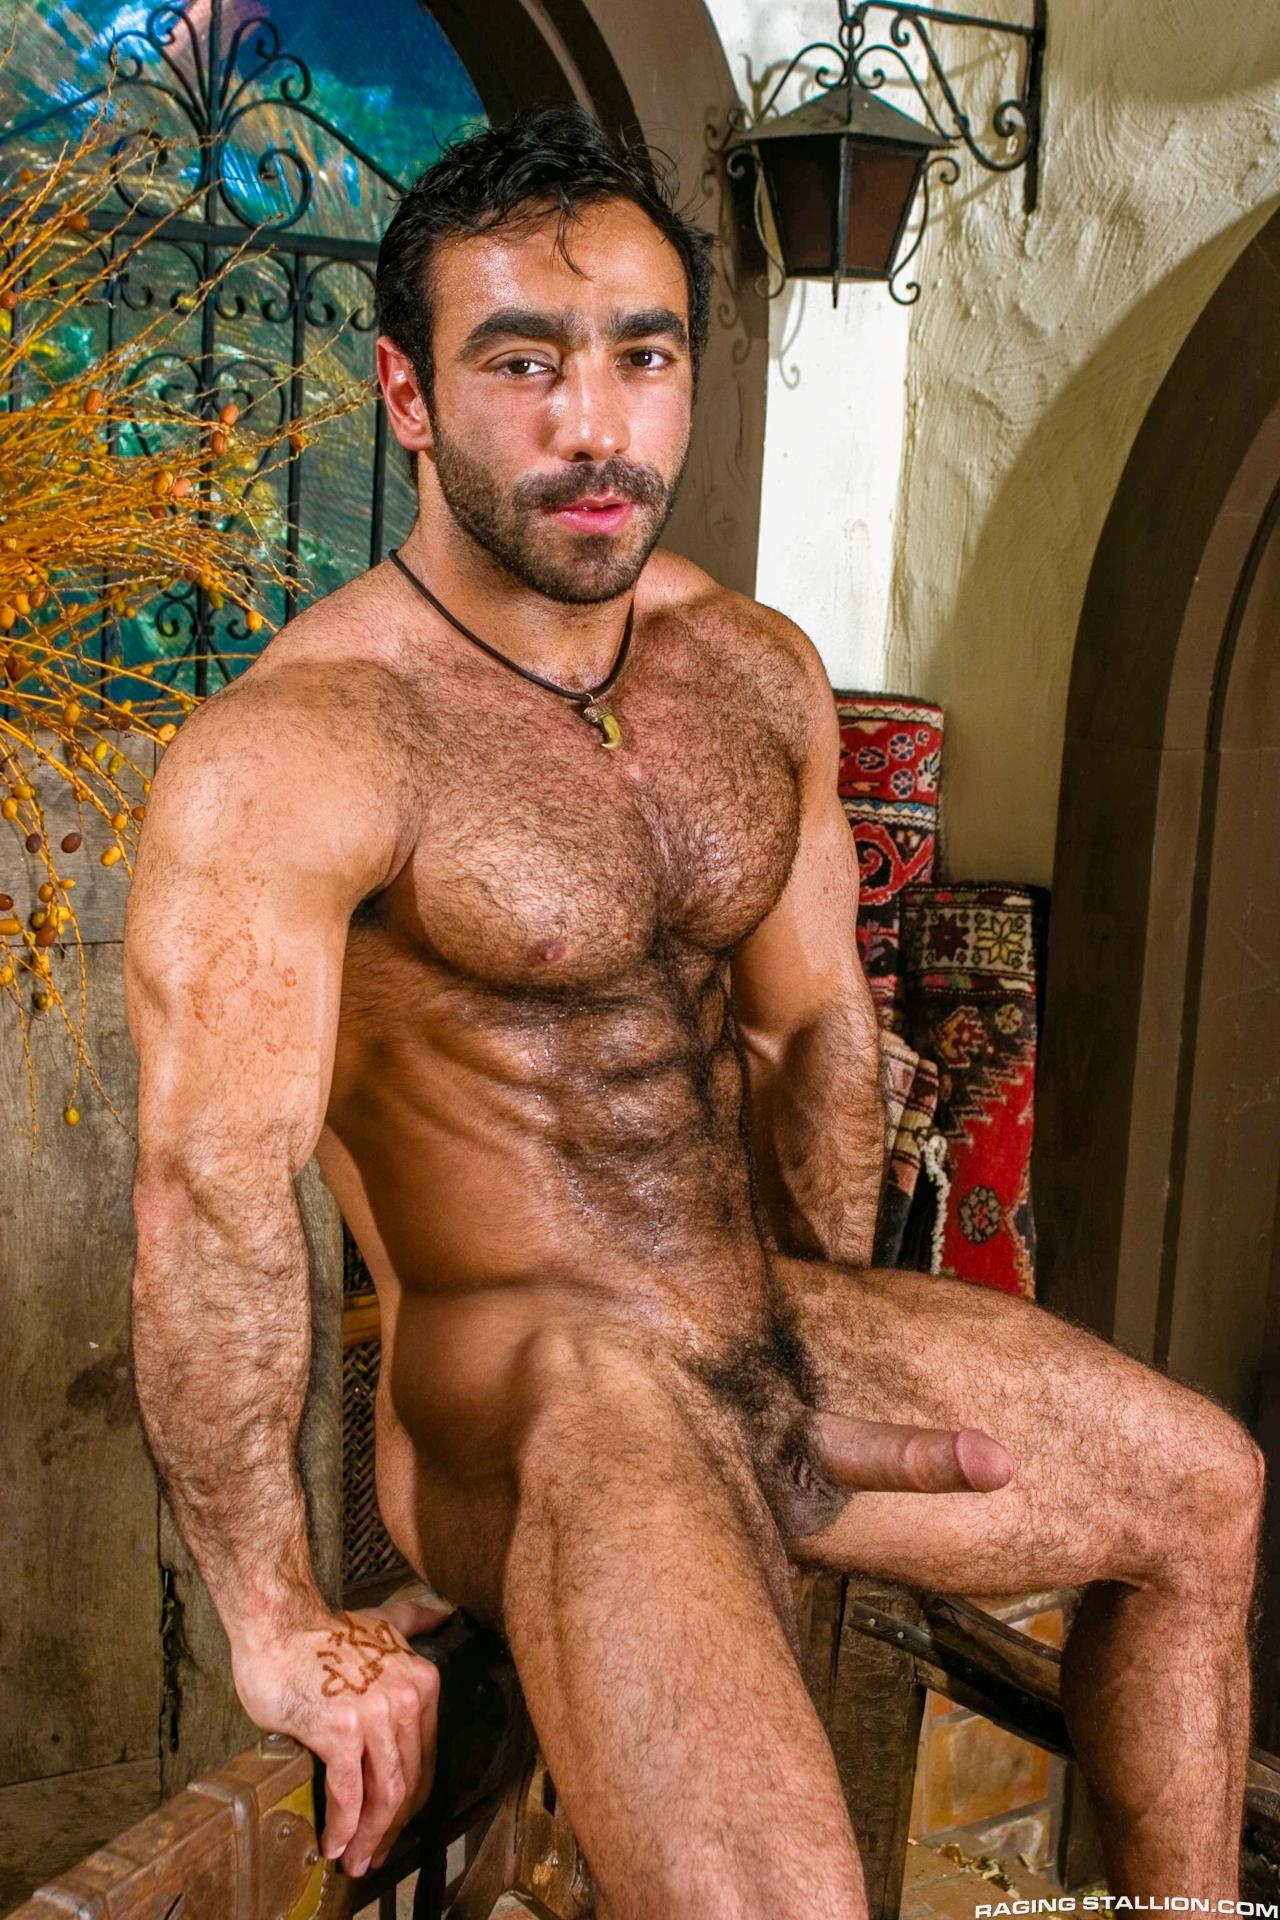 Actor Porno Filu hussein gay arab muscle porn star | gay fetish xxx